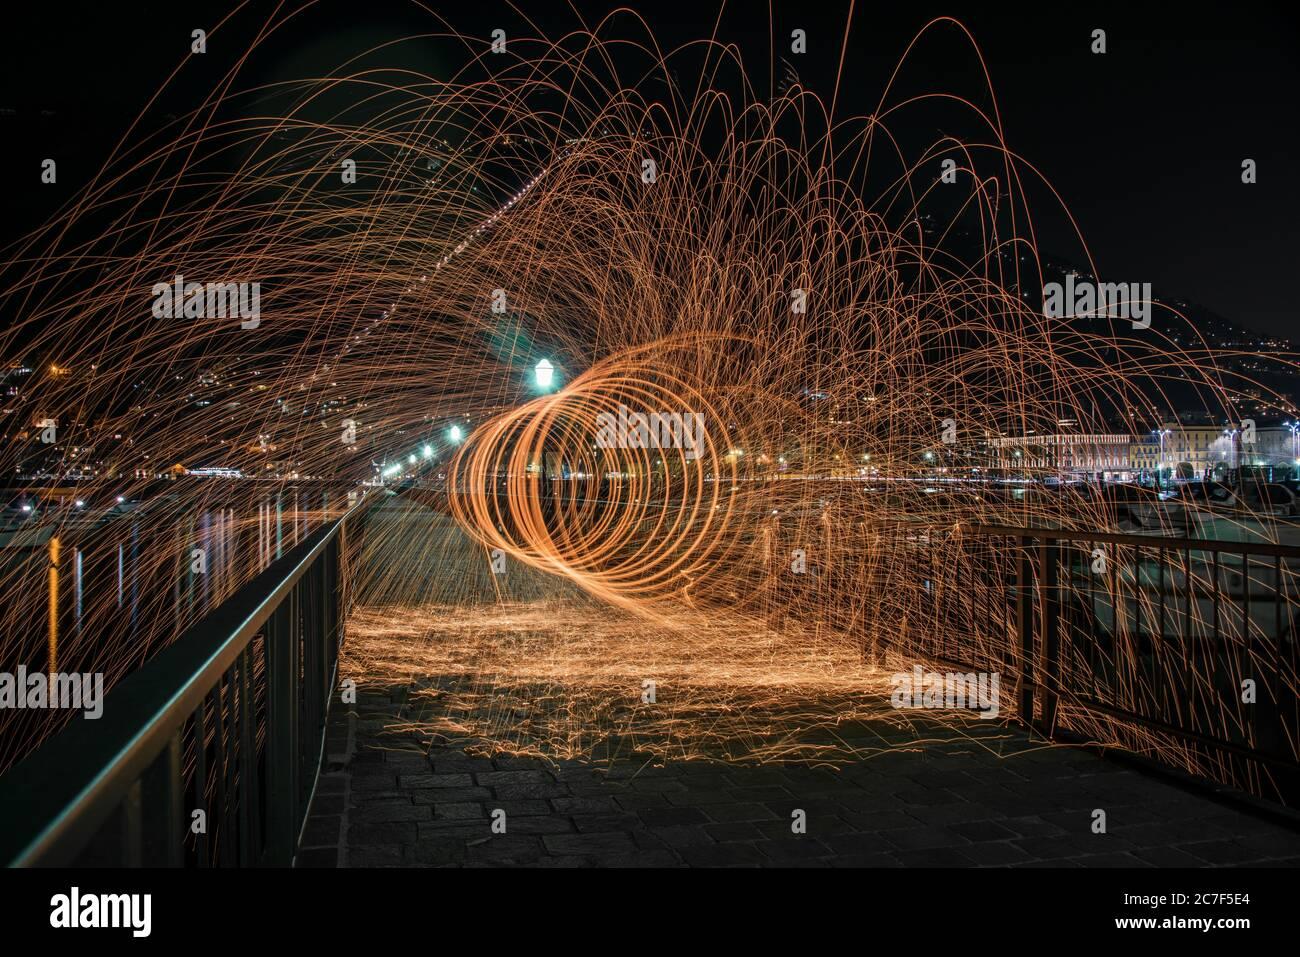 Tiro horizontal de lana de acero efecto en un puente con barandillas de metal en la noche en como, Italia Foto de stock